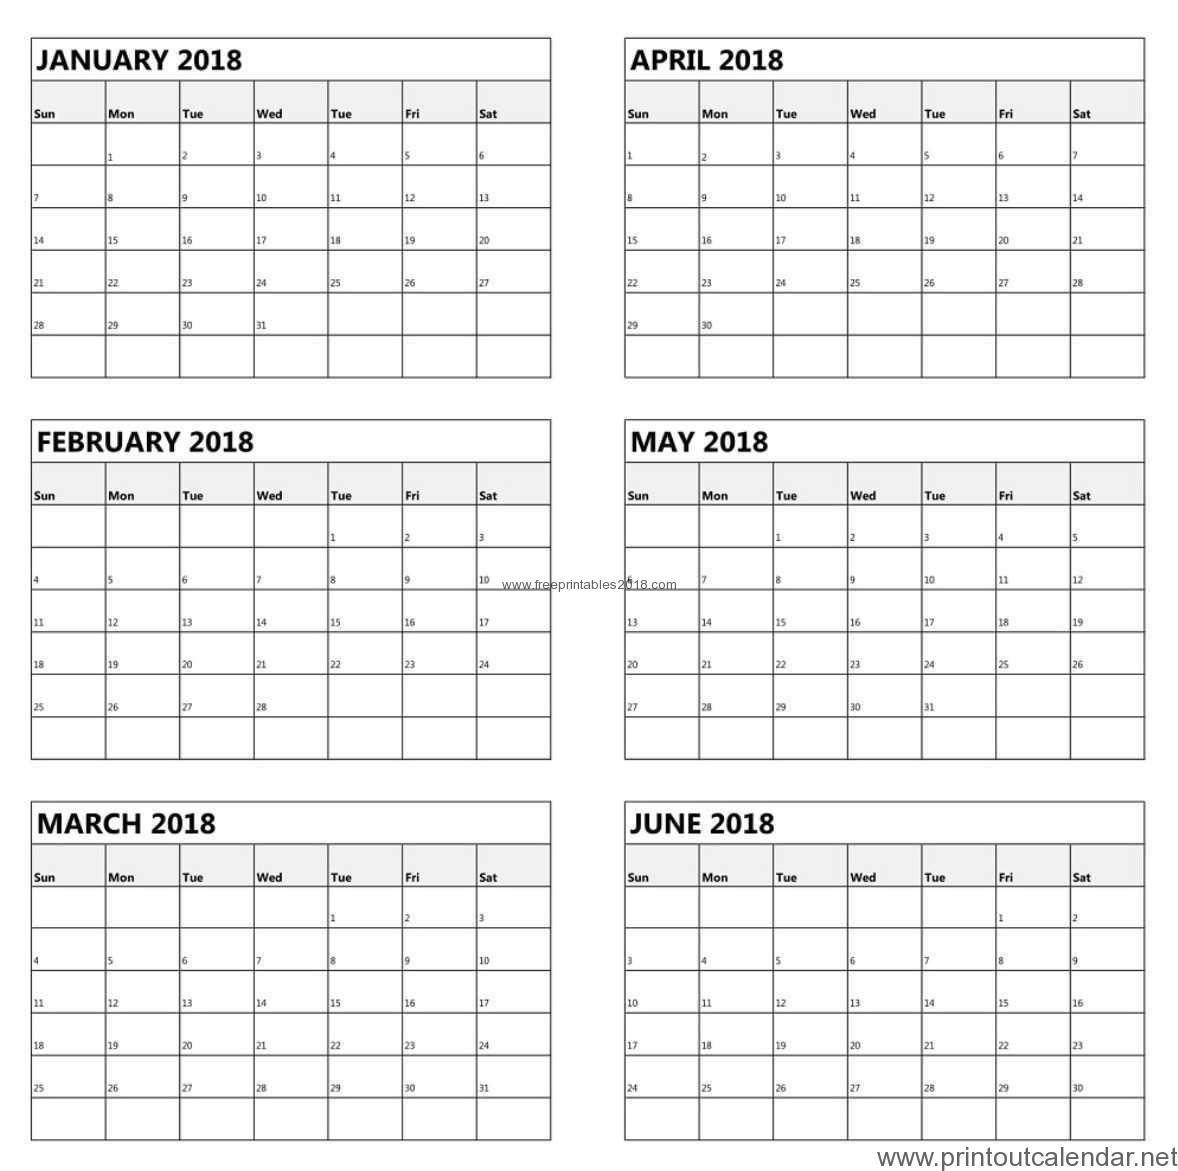 Free Printable 6 Month Calendar 2019 | Free Printables 2019 Printable Calendar 2019 6 Months